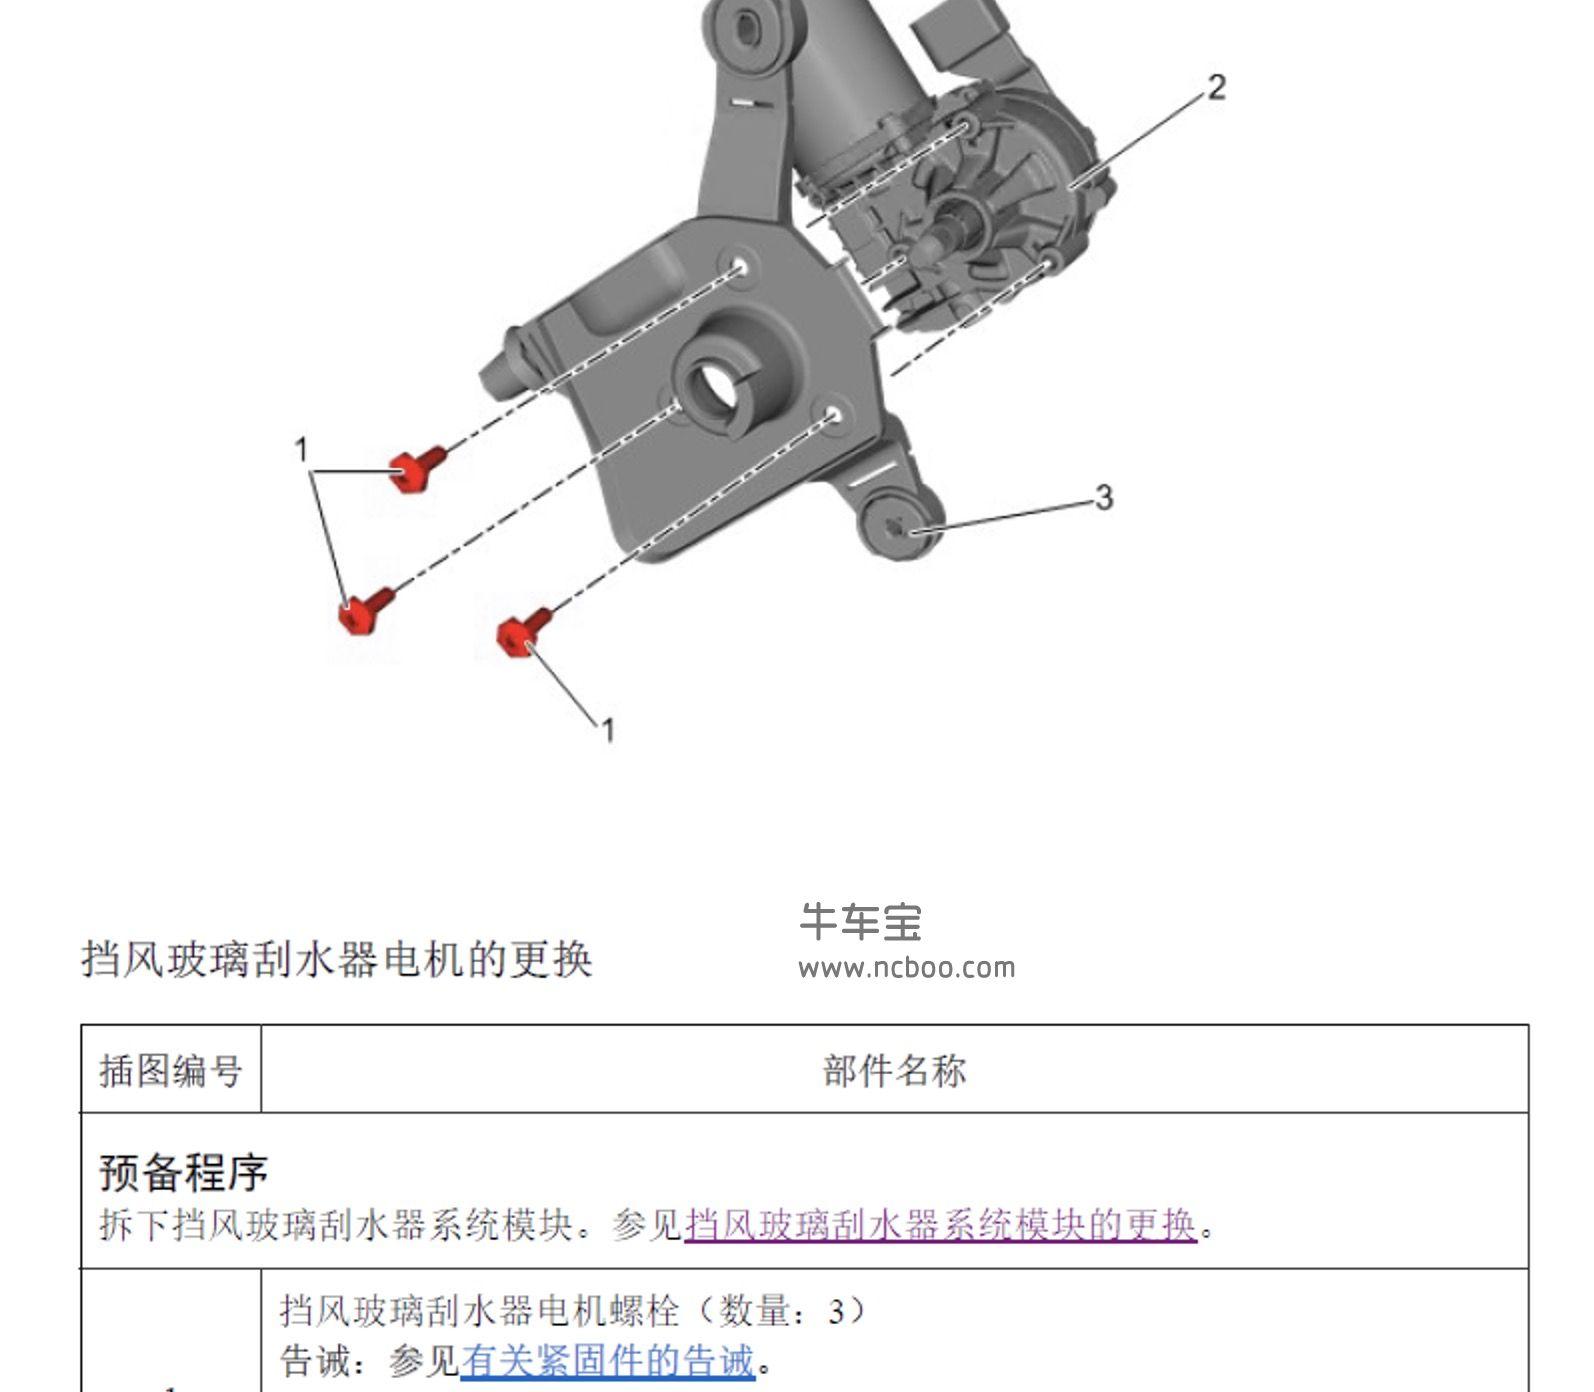 2017-2018款别克GL8原厂维修手册和电路图下载